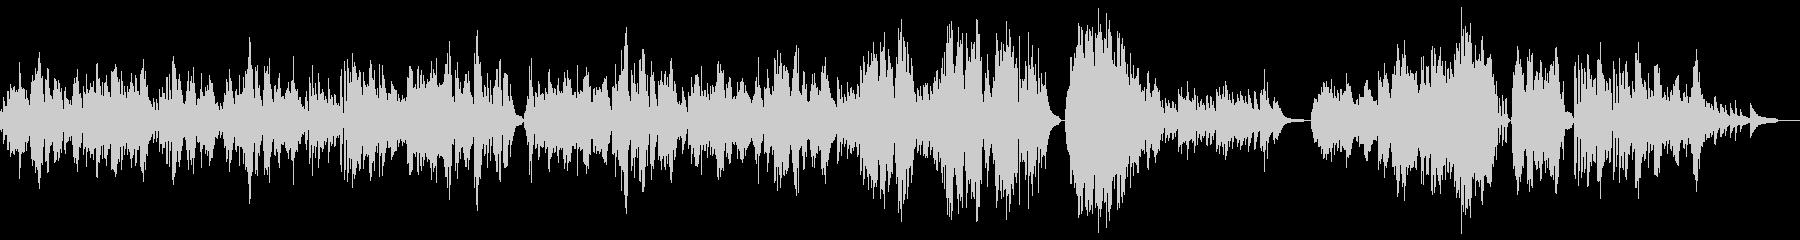 クラシックのワルツです。ソロピアノ曲。の未再生の波形